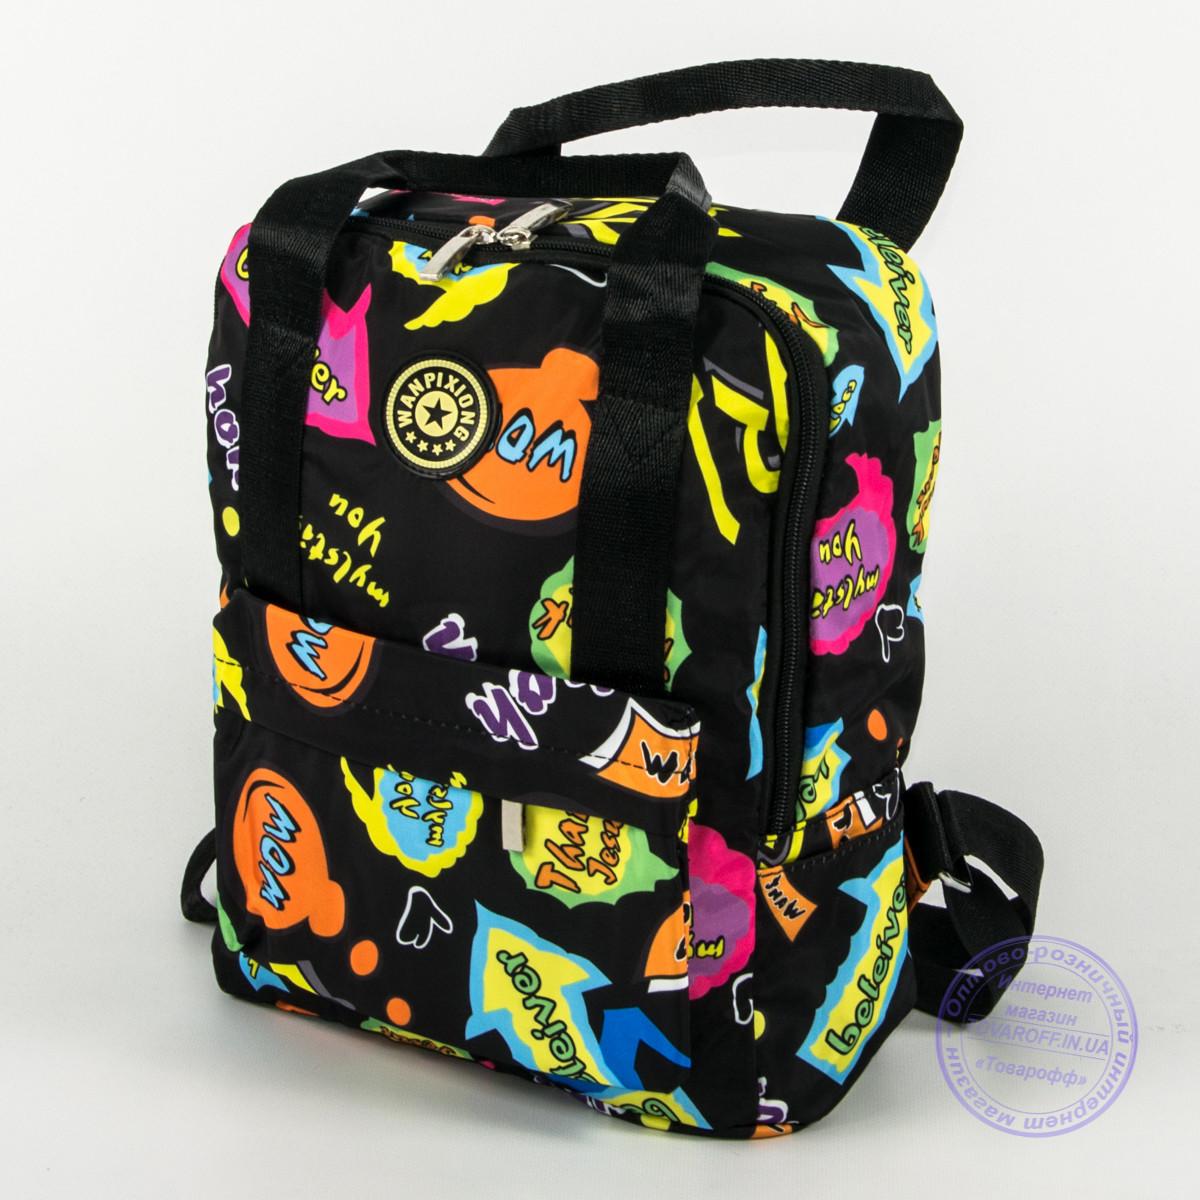 829bd2084a60 Сумка-рюкзак для школы и прогулок - черный - s-r1 - Интернет магазин